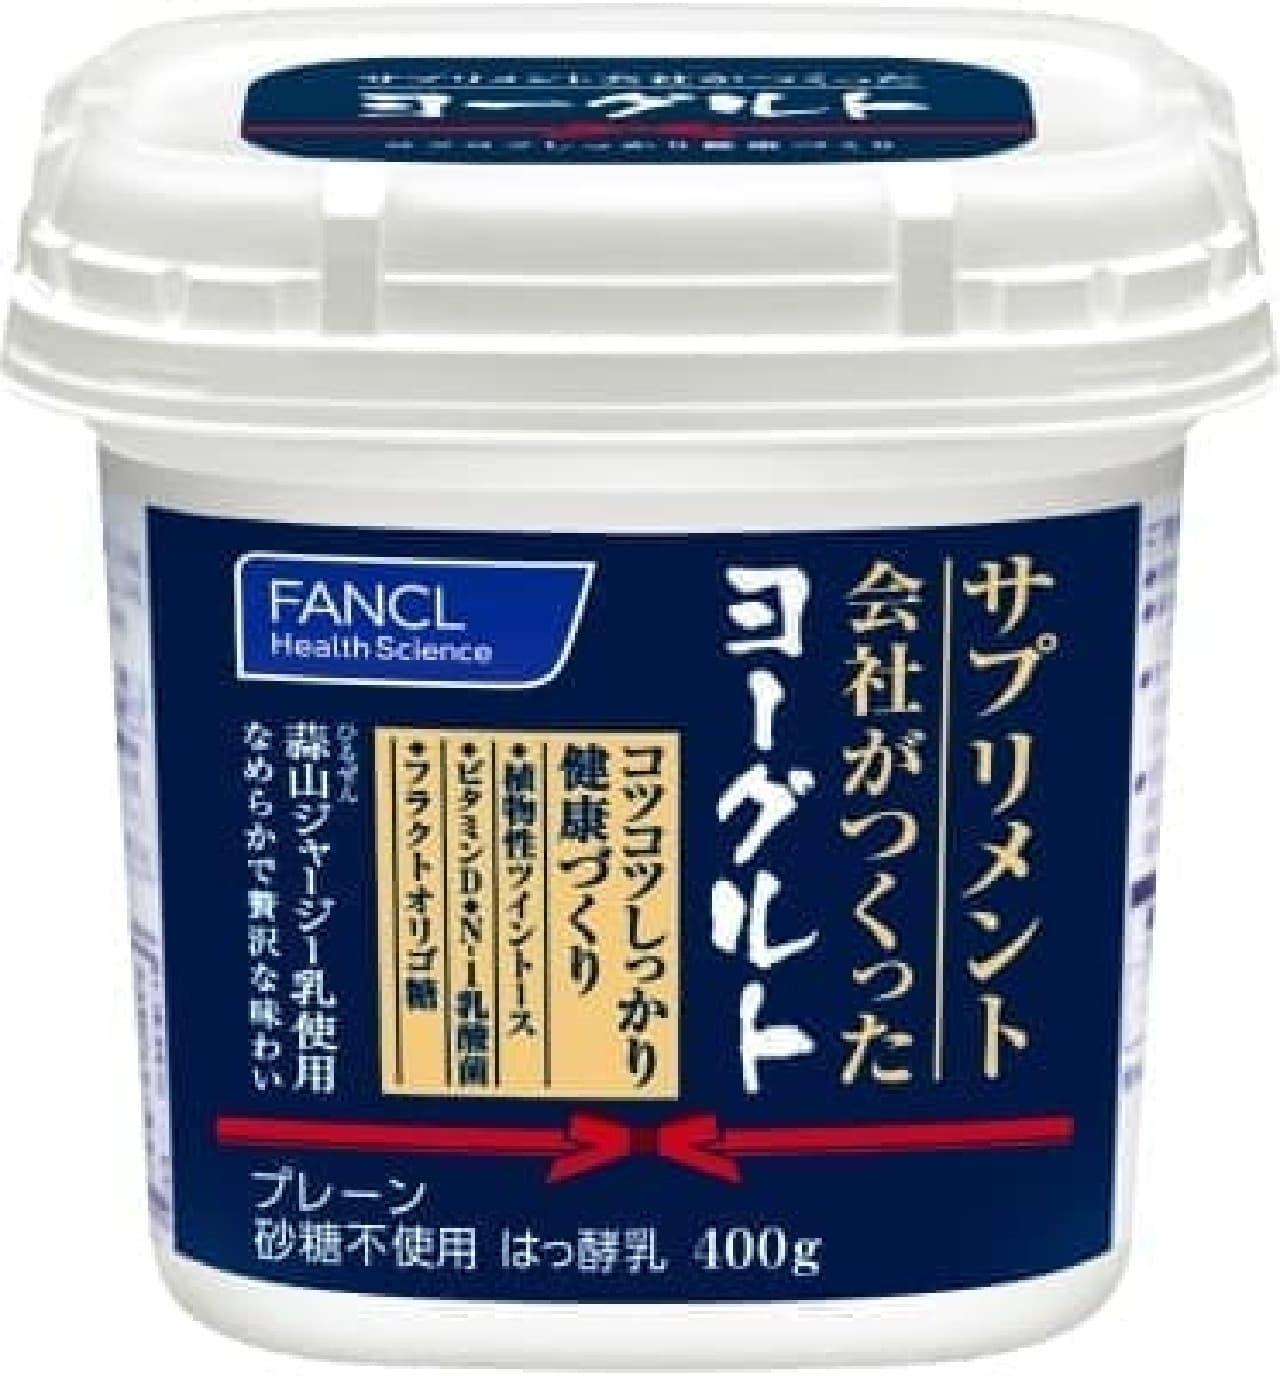 """ファンケルから""""高級ヨーグルト""""が発売される"""